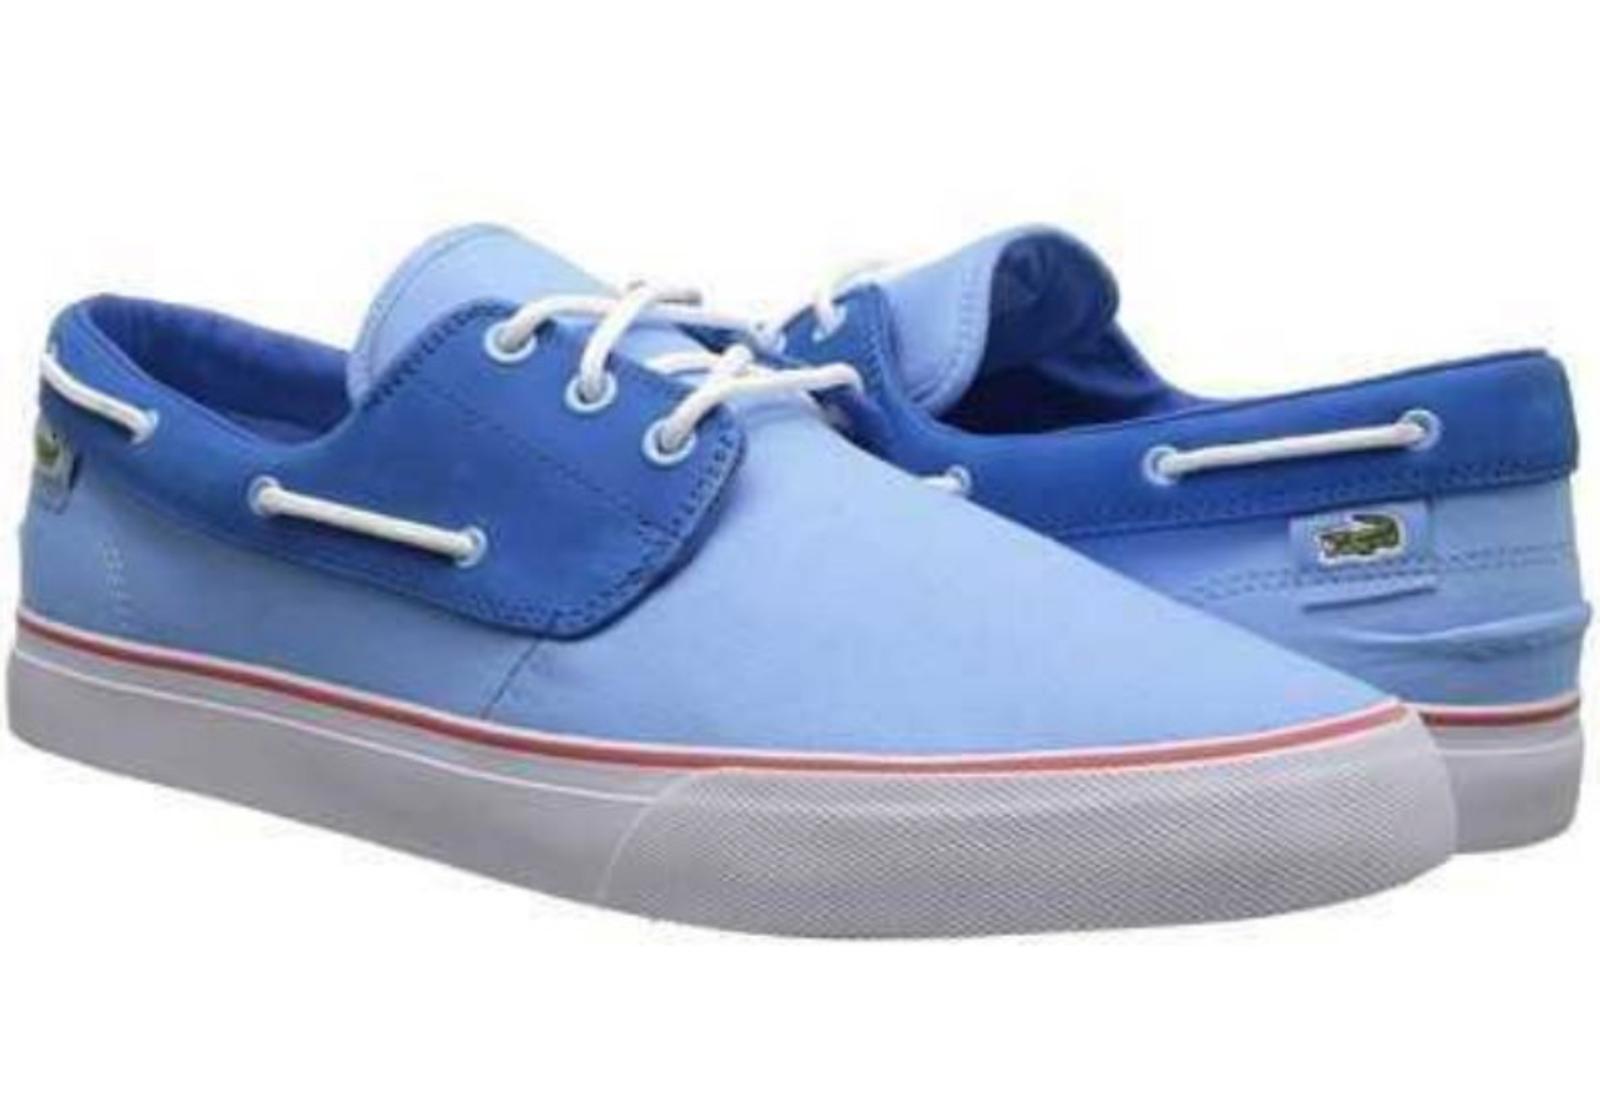 Lacoste Barbuda PS LEM Canvas # 7-27LEM330152C Light Blau - Sneaker Men SZ 8 - Blau 13 1116d8